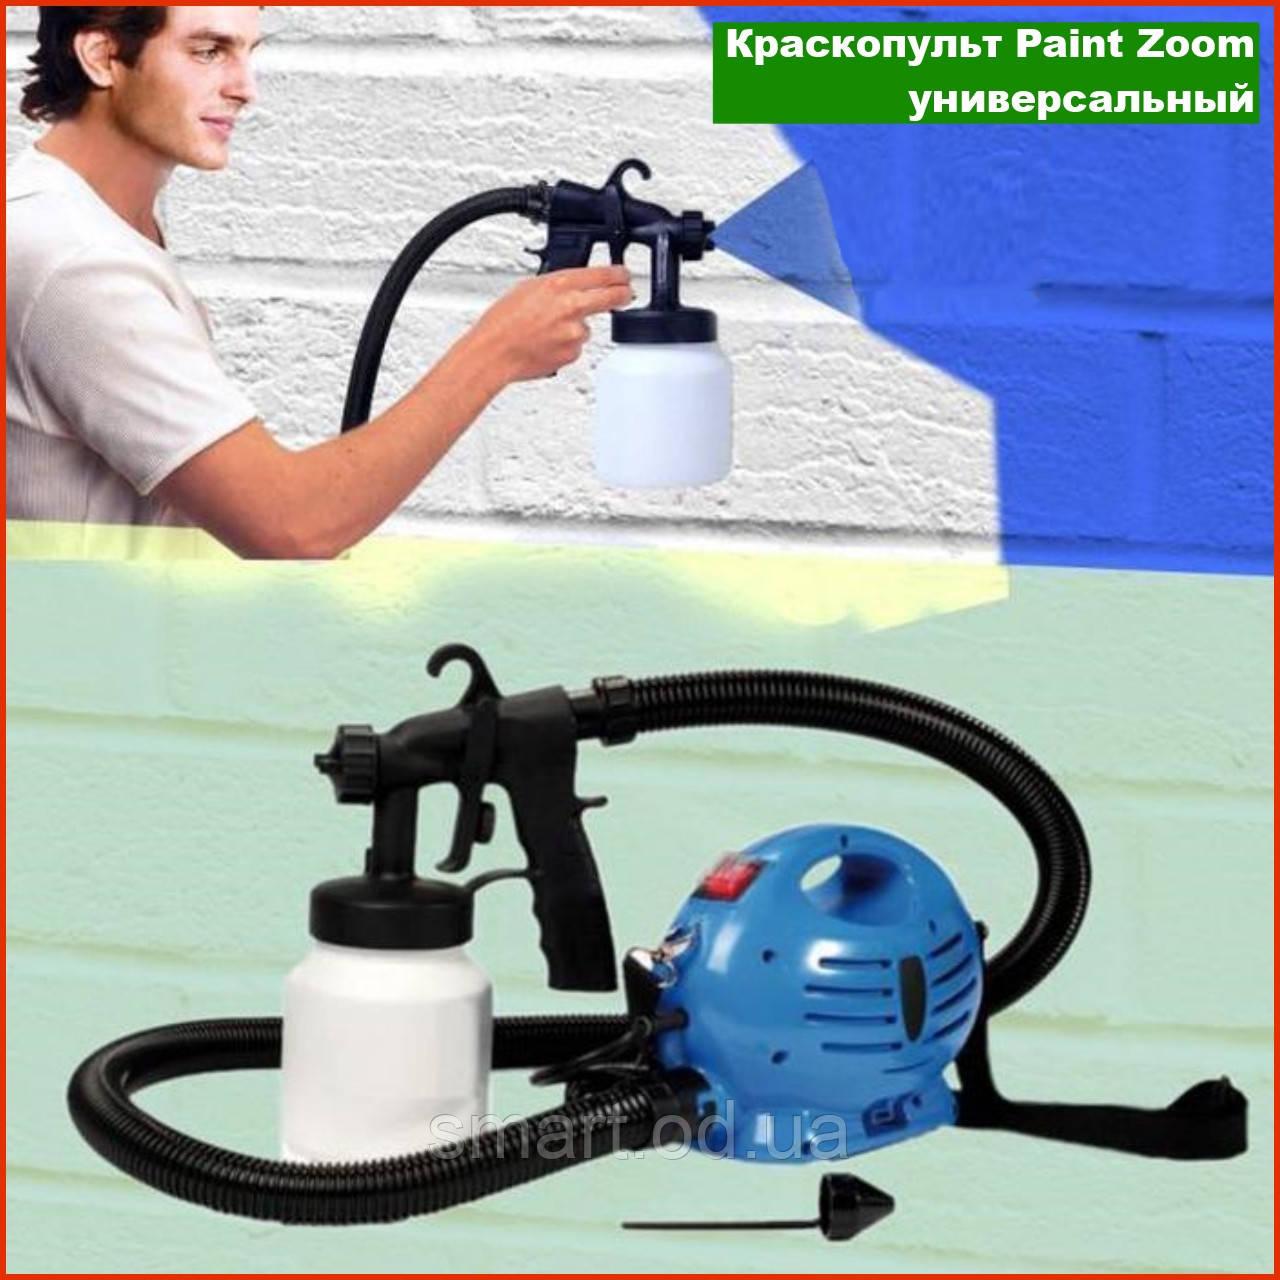 Универсальный краскопульт пульверизатор Paint Zoom Пейнт Зум бытовой пневматический распылитель краски покраск